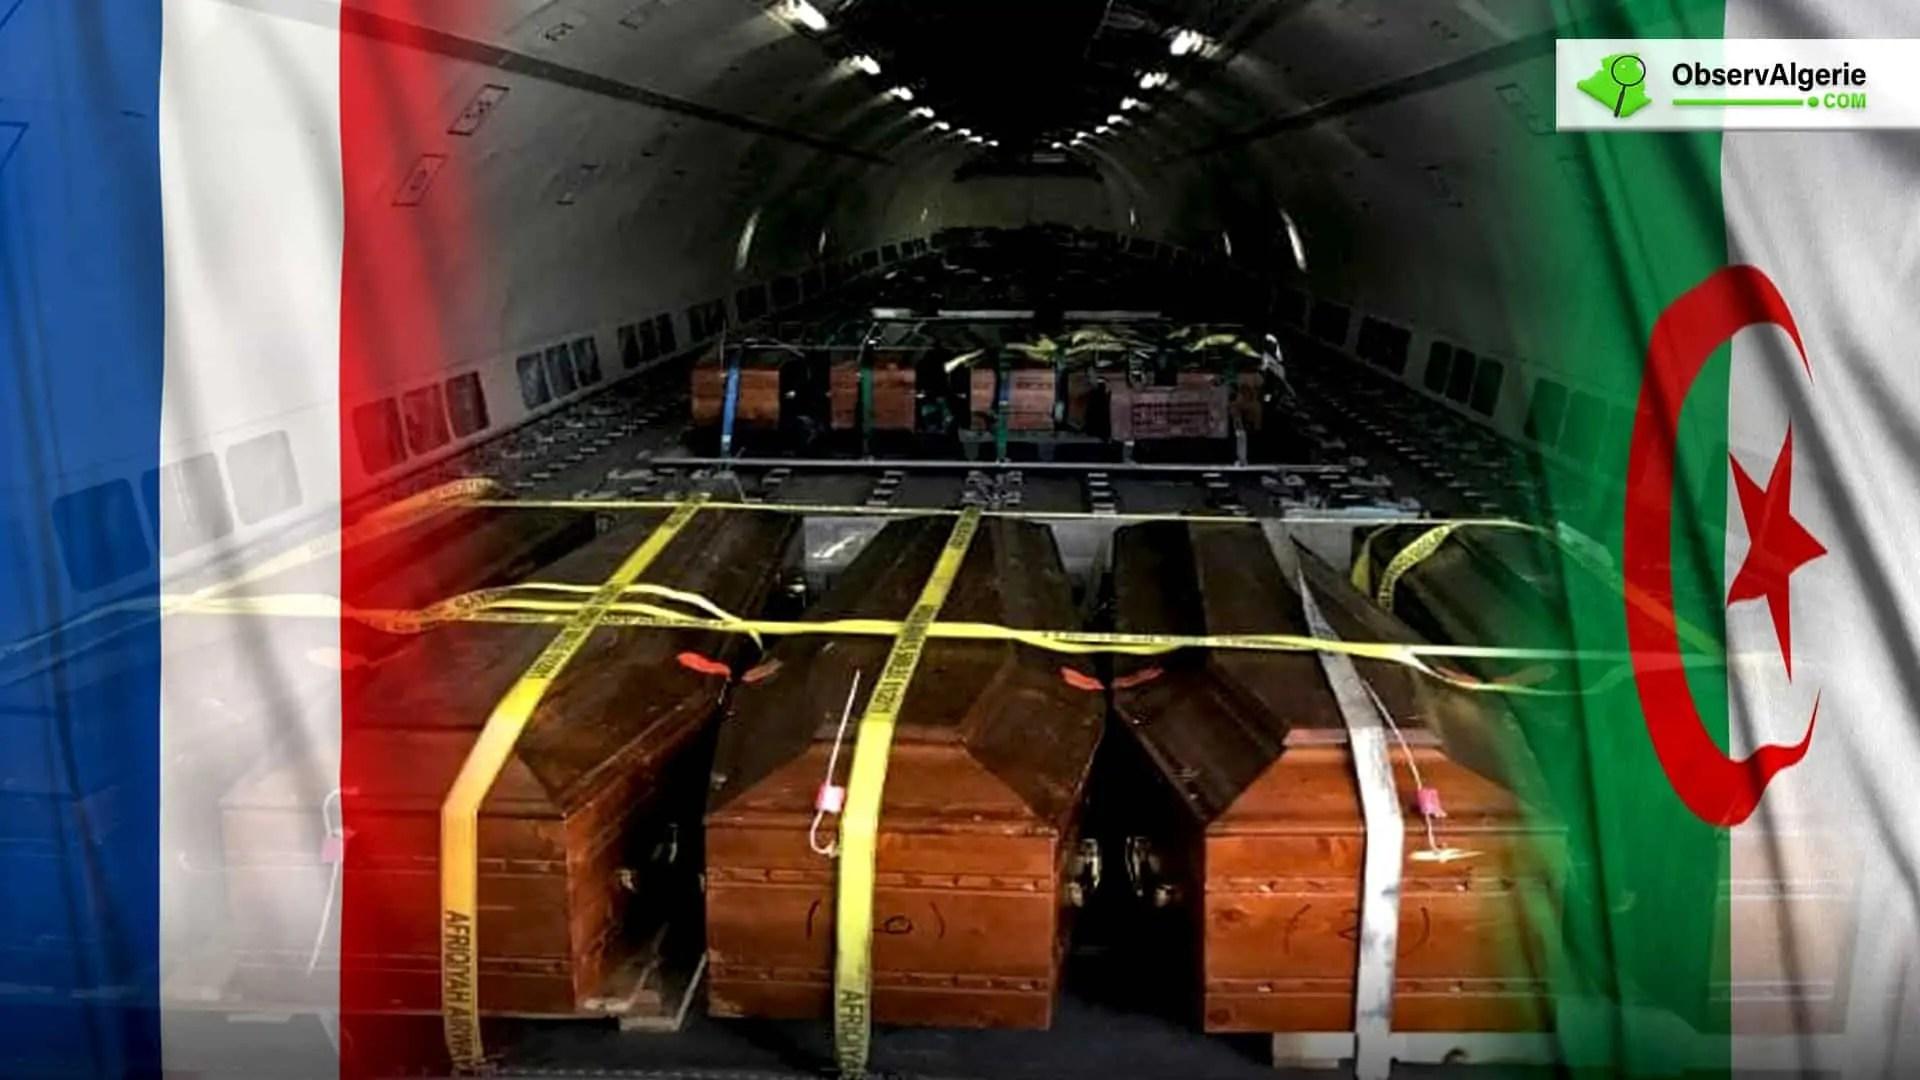 Algériens morts en France : Comment se prépare le dernier voyage